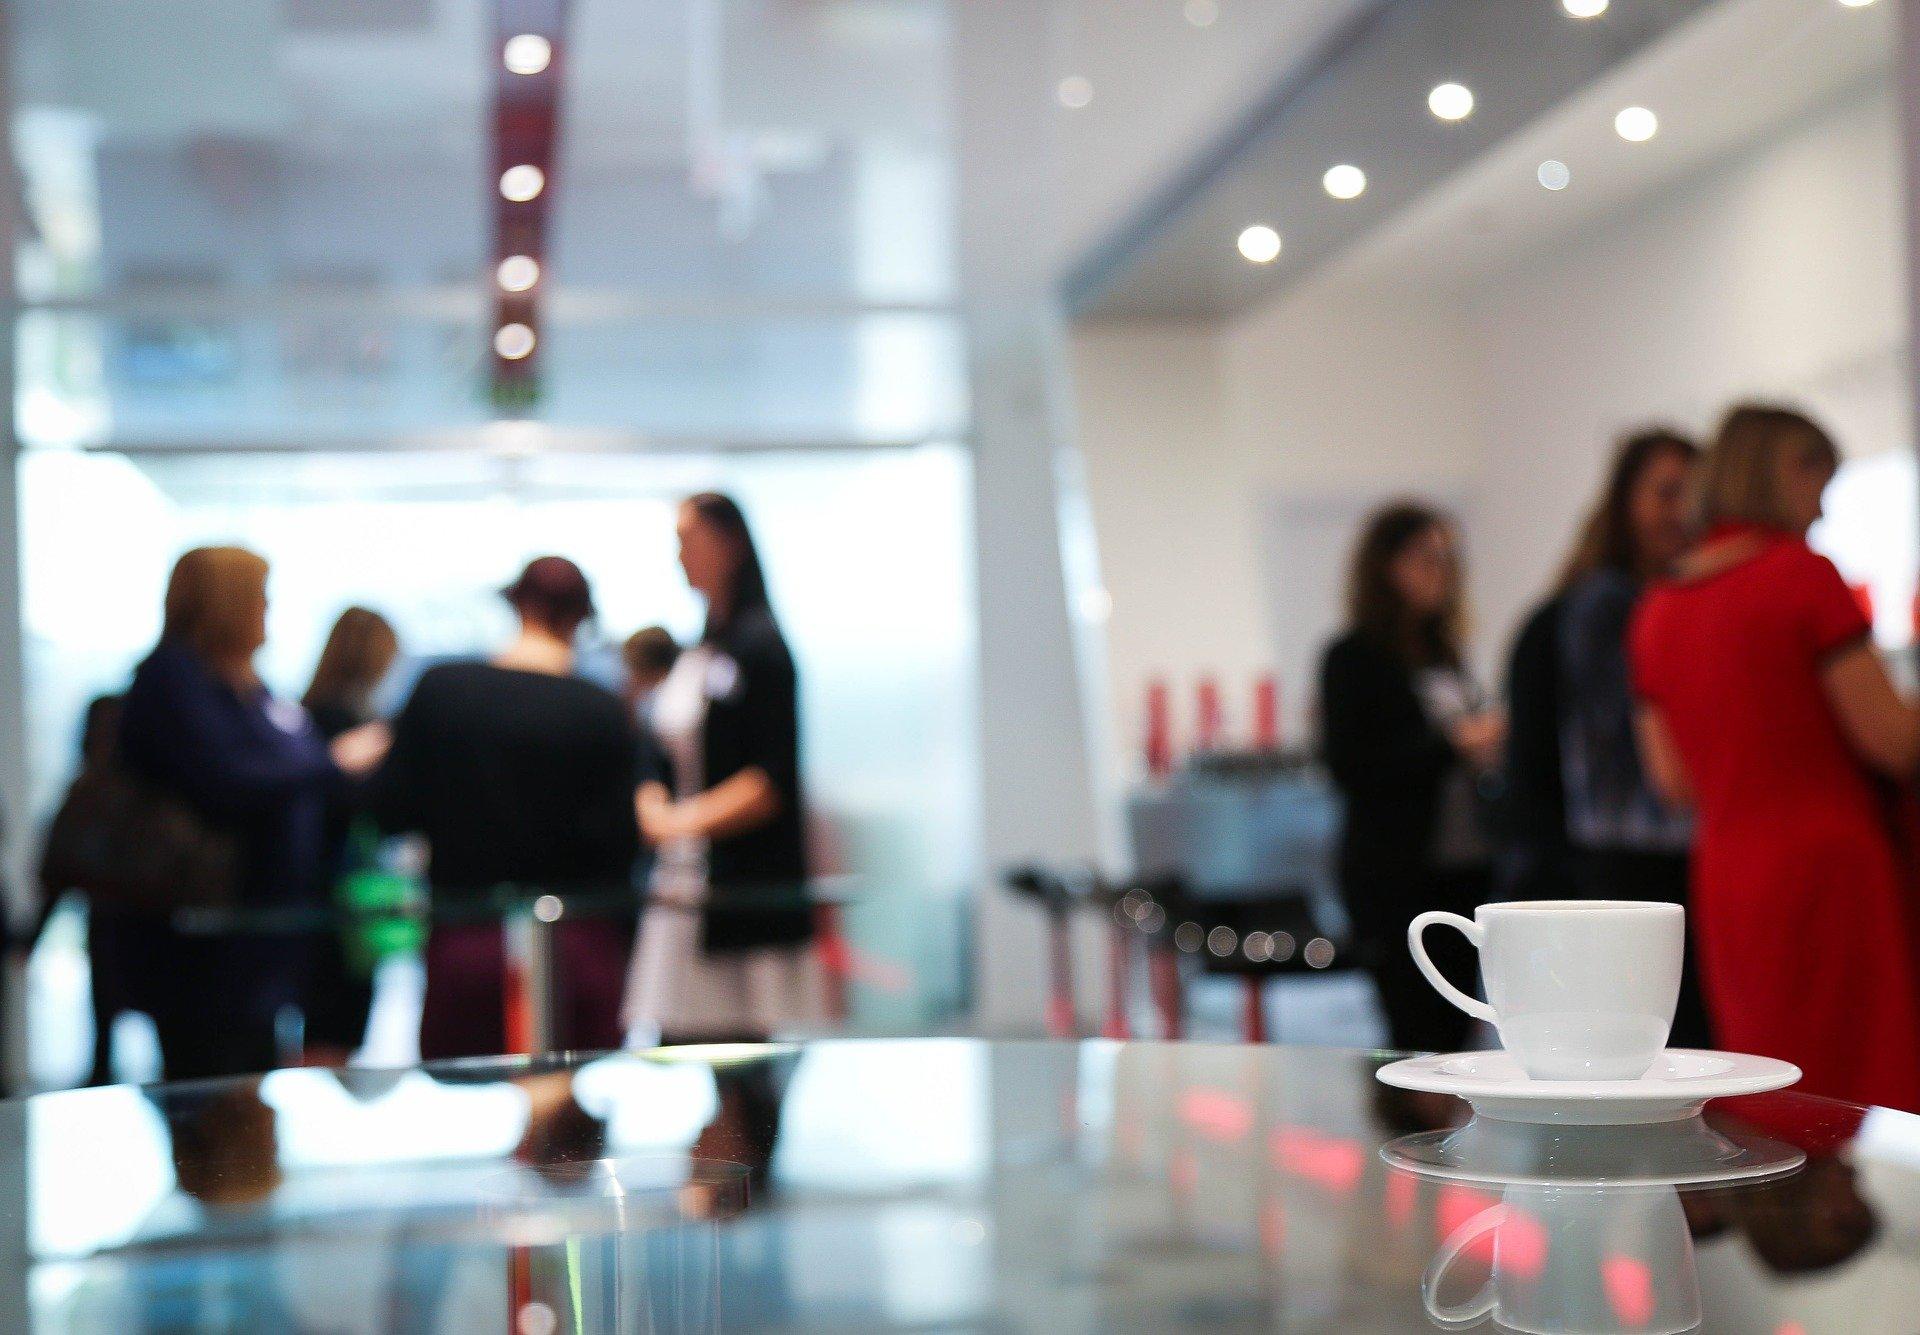 Yhtiökokoukset käynnissä, kahvikuppi pöydällä - Neomeet